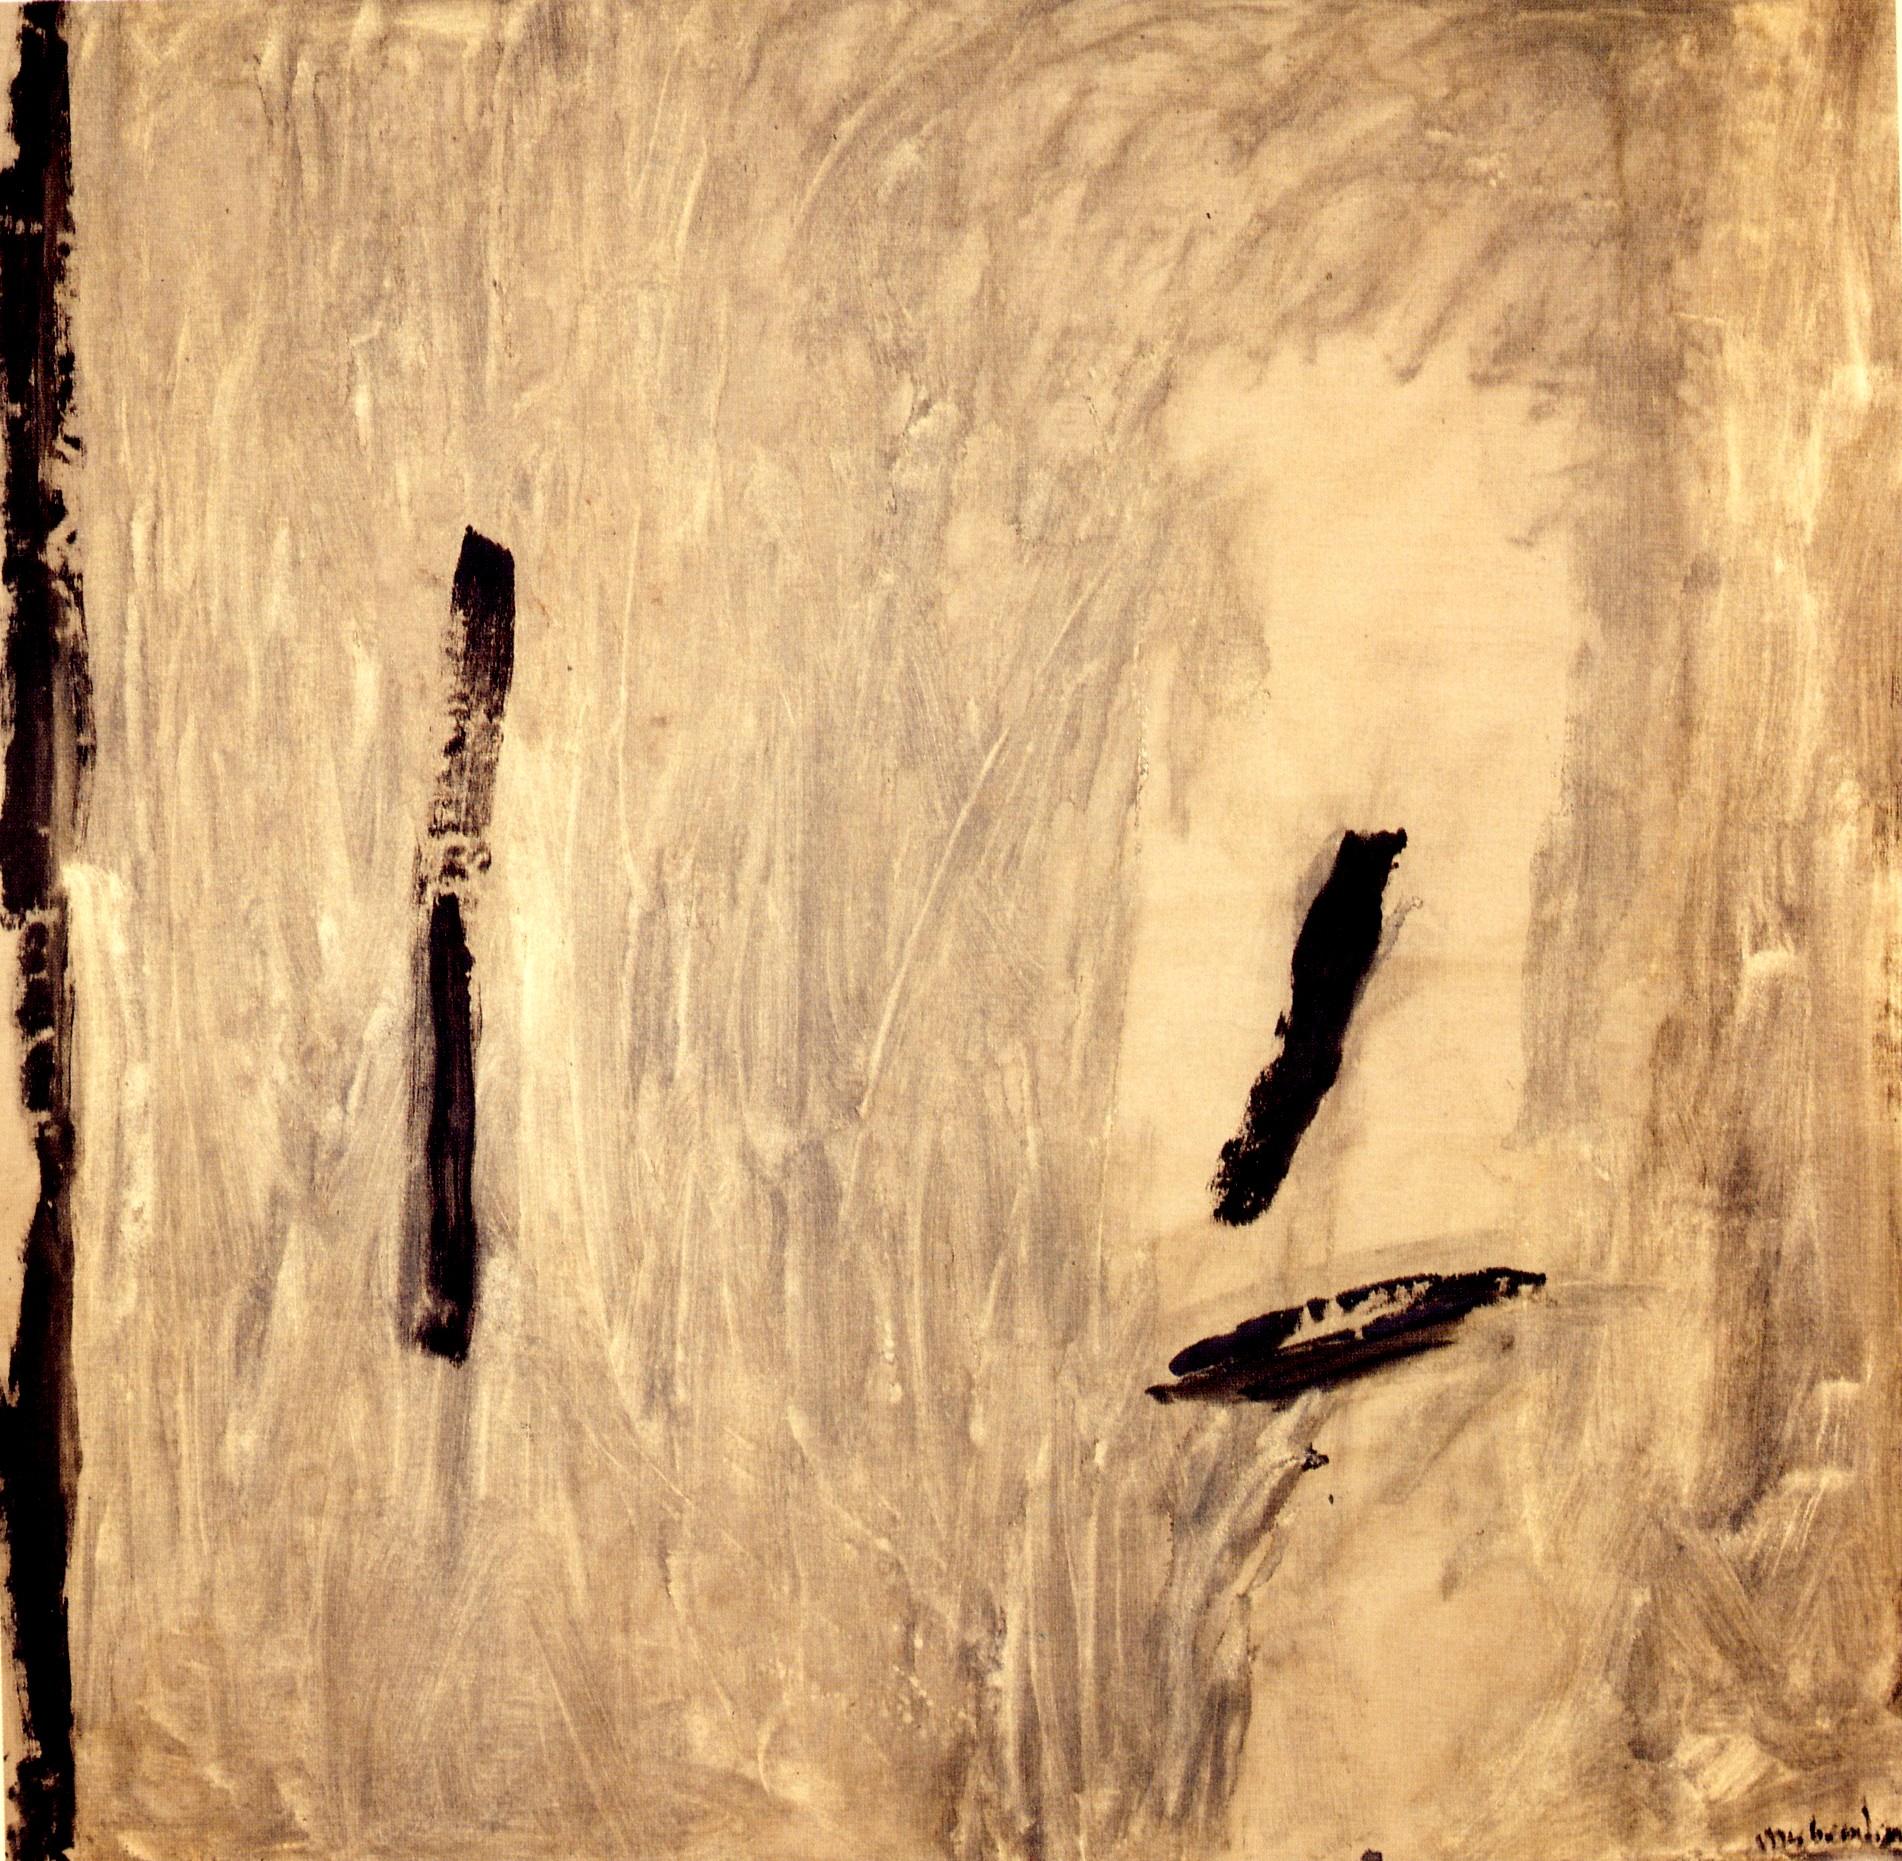 """senza titolo, dalla serie """"Ipotesi d'attesa"""", 1990, tempera sintetica su tela, cm 208 x 208  untitled, from the series """"Ipotesi d'attesa"""", 1990, synthetic tempera on canvas, cm 208 x 208"""